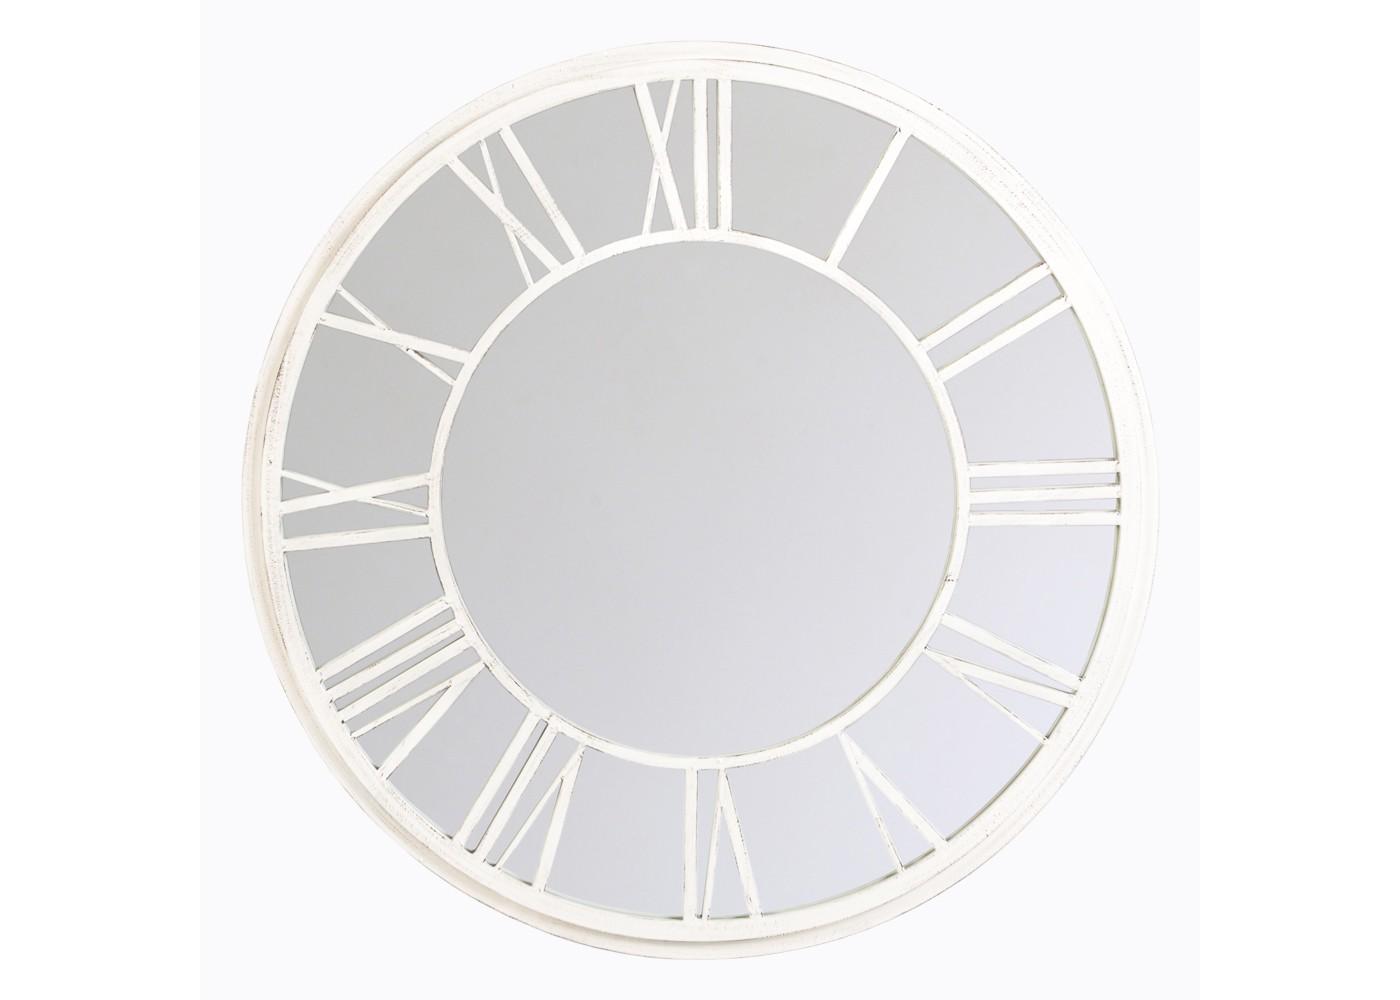 Настенное зеркало «Орсе» (белый антик)Настенные зеркала<br>&amp;quot;Орсе&amp;quot; ? романтическое дежа-вю сентиментального путешественника, неравнодушного к чудесам света. Это зеркало, прототипом которого выступили часы знаменитого парижского музея, хранит в себе очарование их уникальной архитектуры. Вглядываясь в его бесконечно элегантные округлые пропорции, украшенные традиционным белоснежным циферблатом, вы сможете отправиться в очередной вояж. На этот раз он будет проходить по просторам вашей фантазии. Винтажный аксессуар, исполненный новейшими технологиями, позволит проникнуть в самые глубокие ее недра.&amp;lt;div&amp;gt;&amp;lt;br&amp;gt;&amp;lt;/div&amp;gt;&amp;lt;div&amp;gt;Размер: ? 92 см, ширина 2 см.&amp;lt;/div&amp;gt;<br><br>Material: Металл<br>Depth см: 2<br>Diameter см: 92